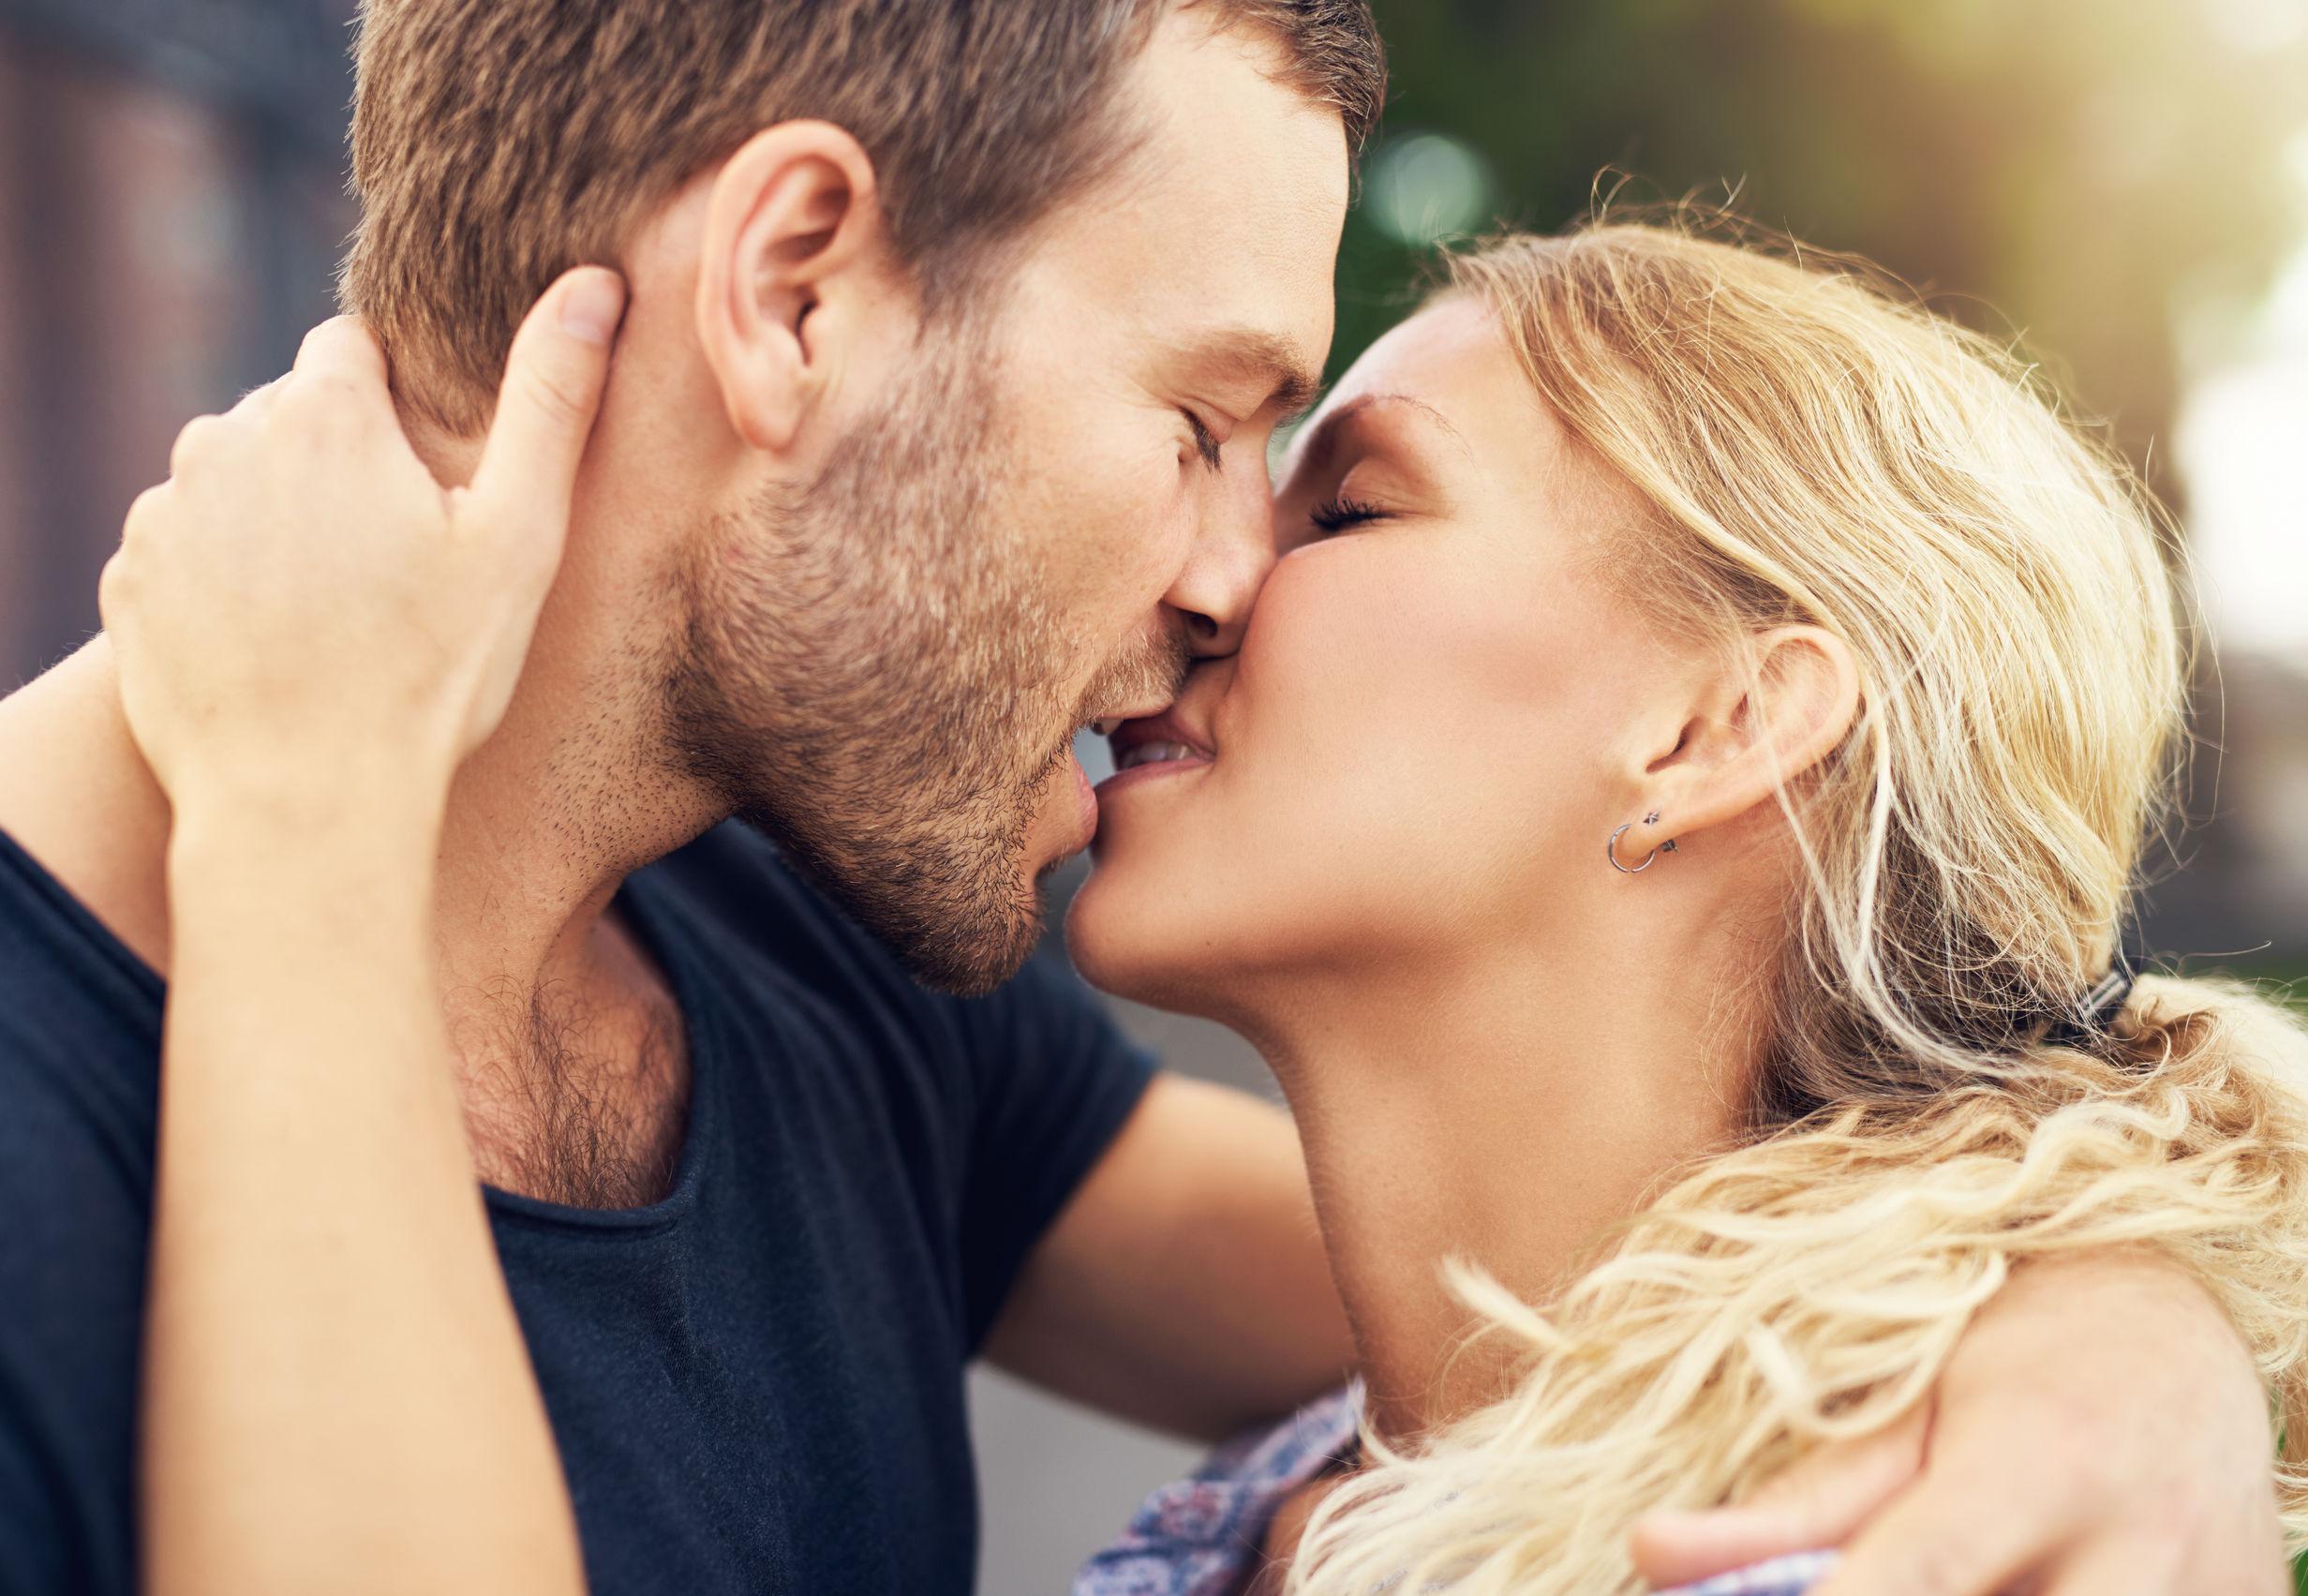 c9180e14dc072b Gwiazdy wspominają swój pierwszy pocałunek - WP Kobieta